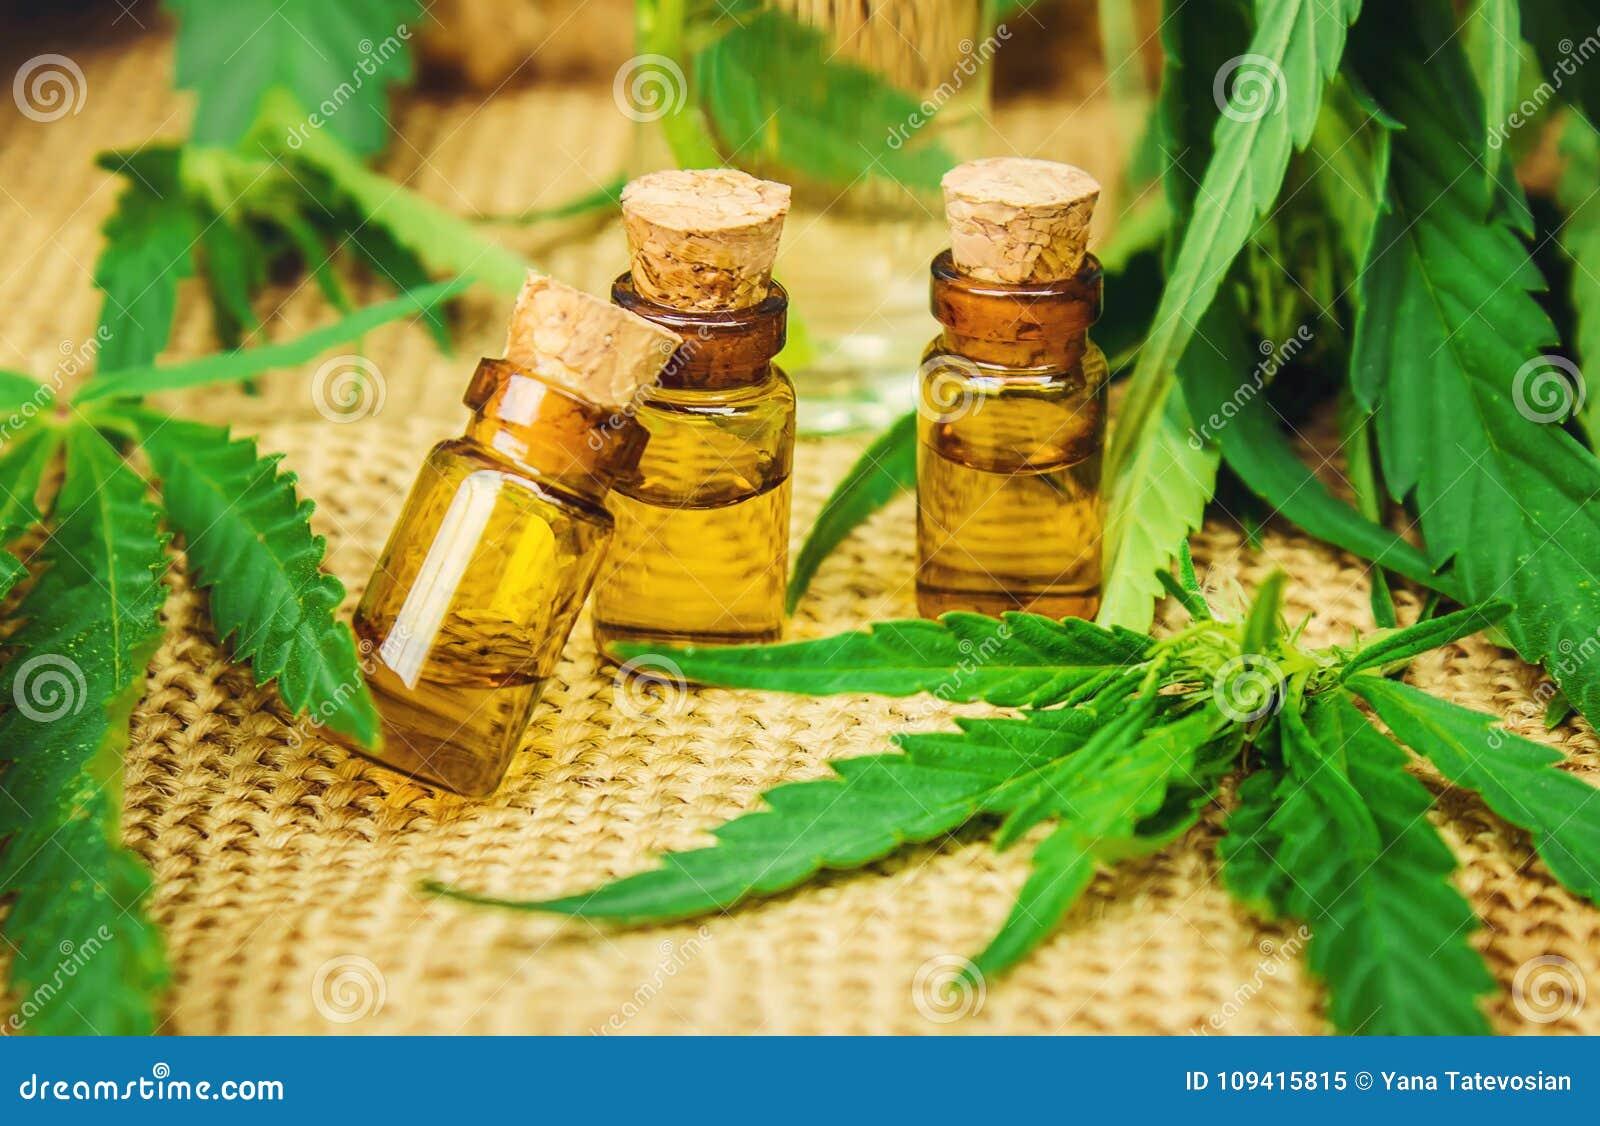 Трава отвары из конопли как рисовать листик марихуаны